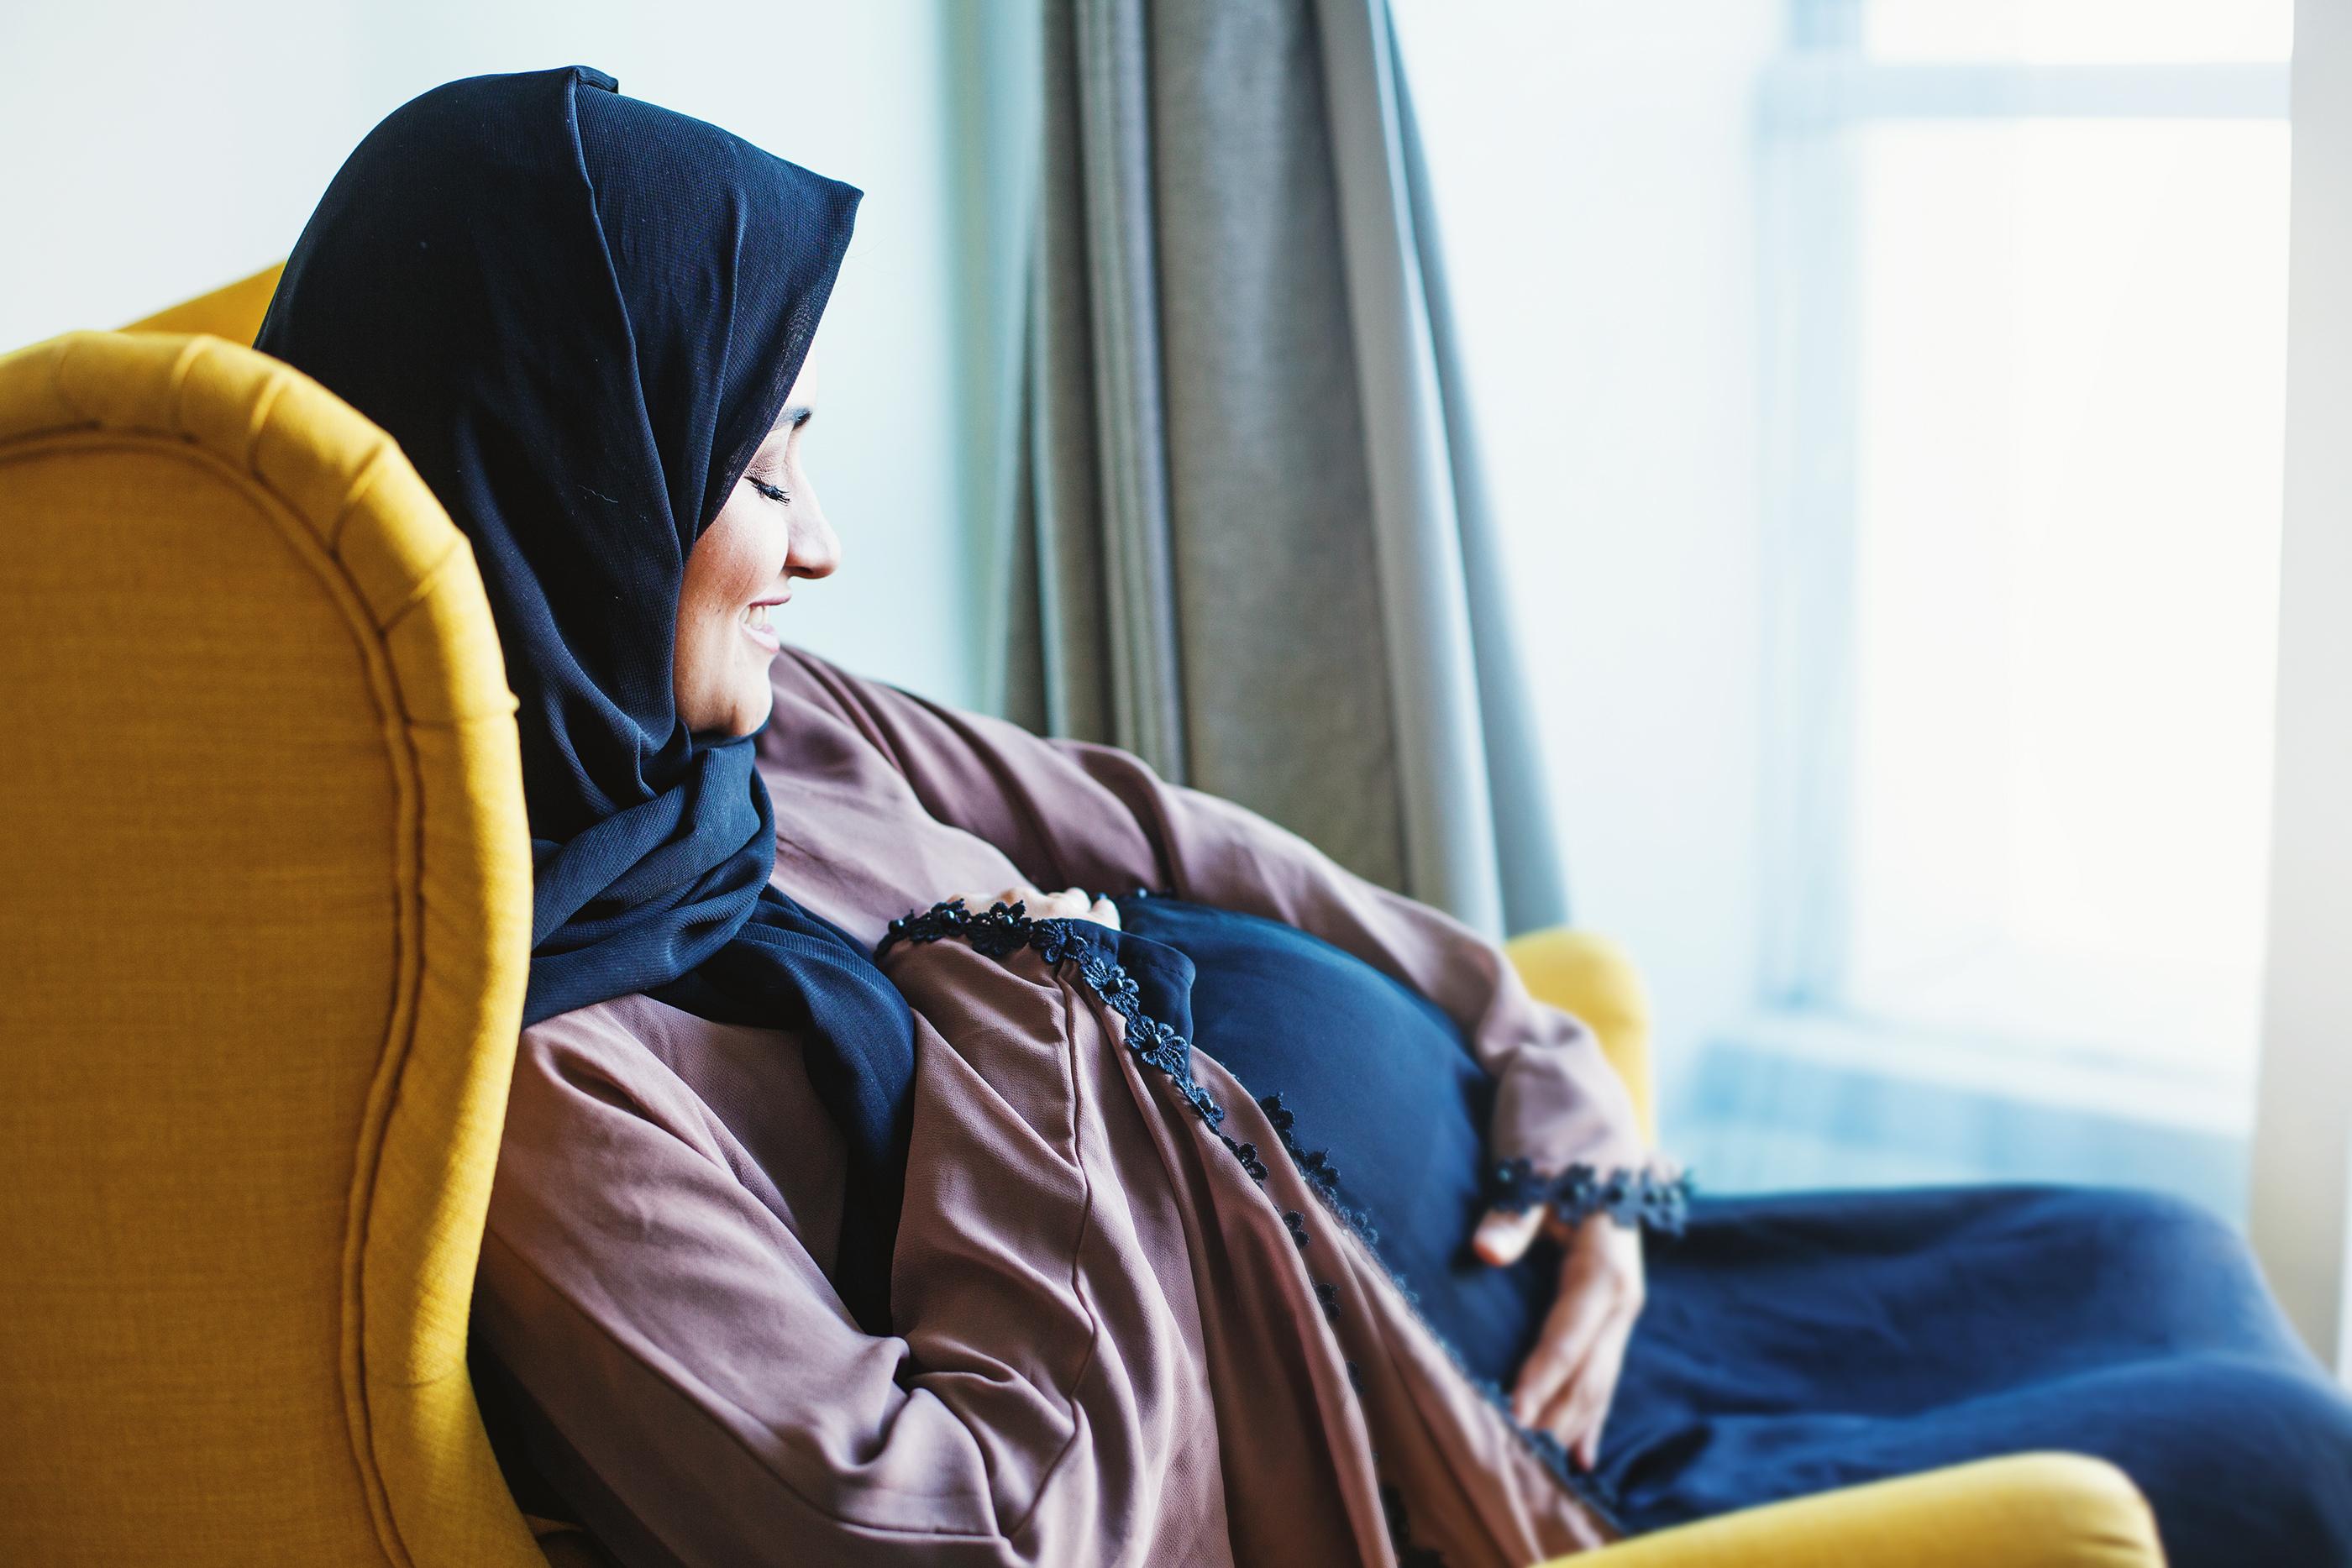 Folkhälsomyndigheten rekommenderar att gravida kvinnor vidtar samma försiktighetsåtgärder som med alla smittsamma sjukdomar.